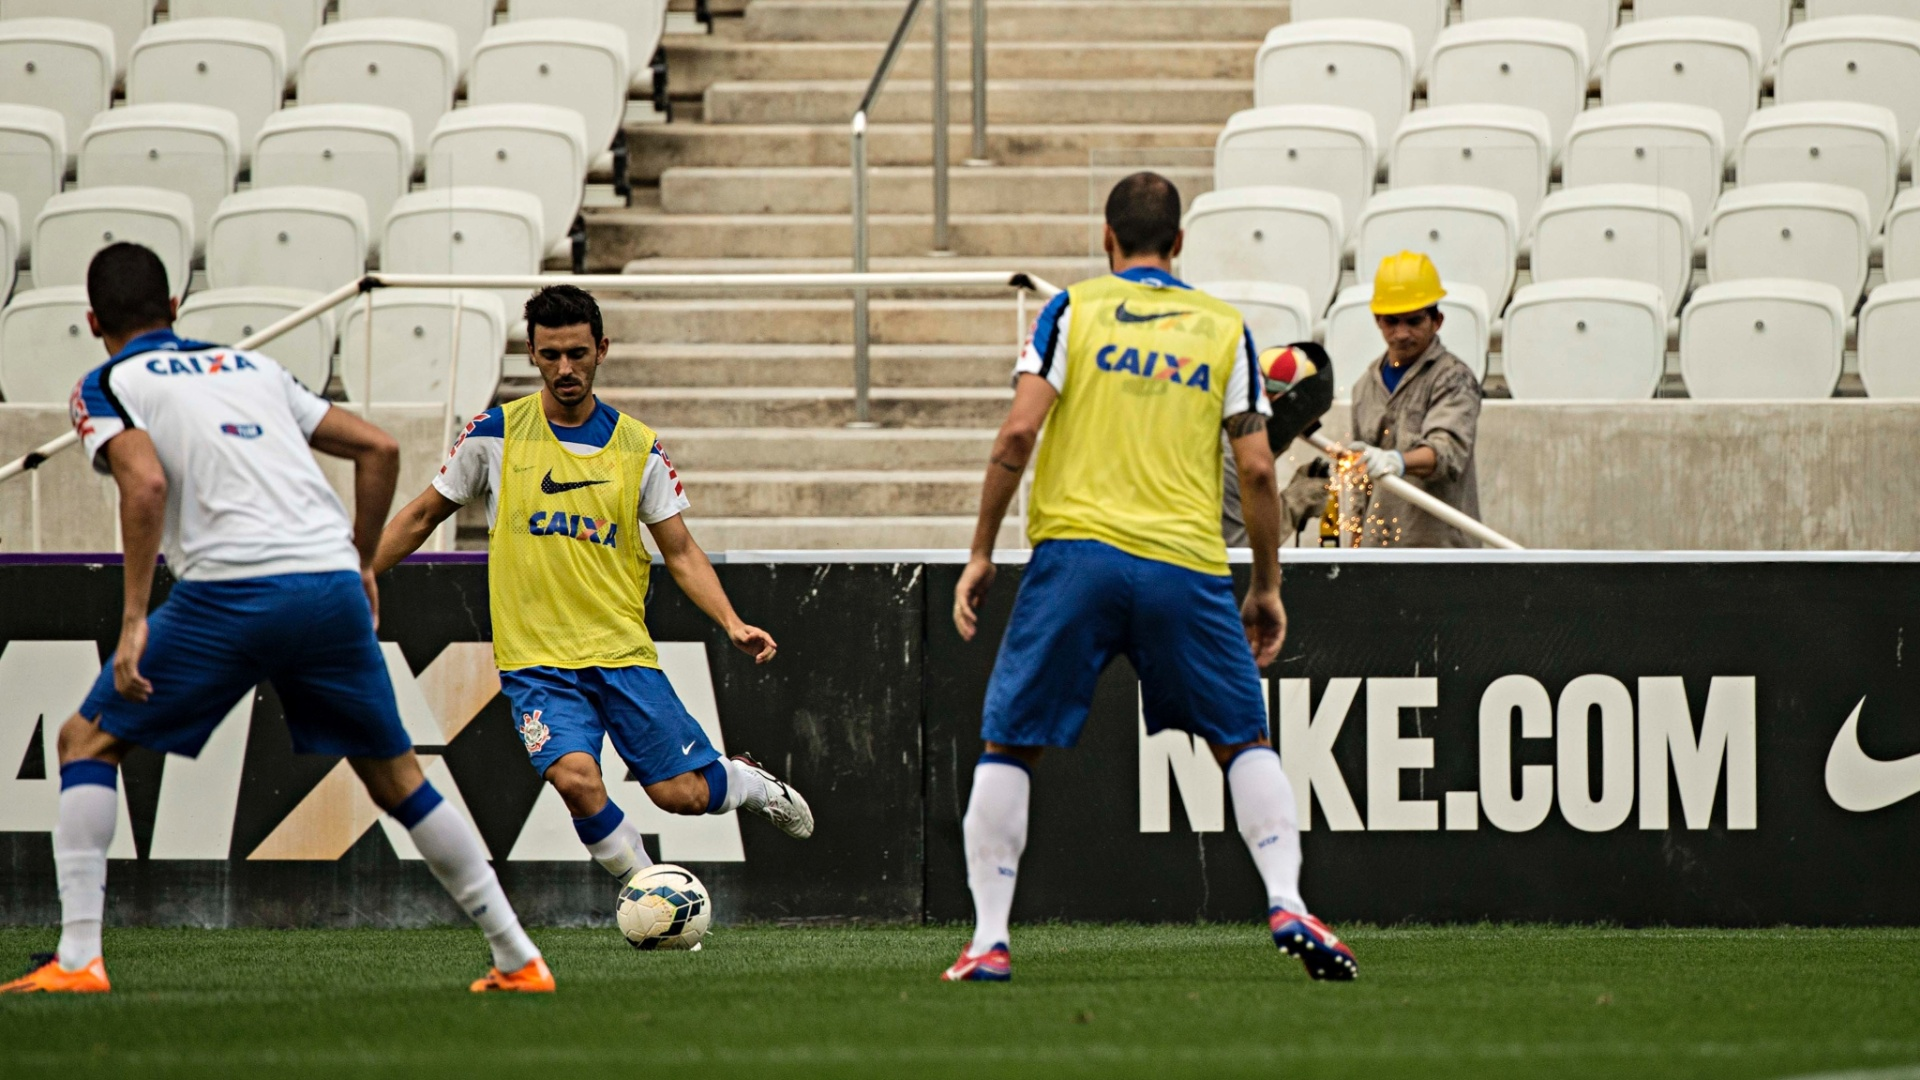 Jogadores do Corinthians realizaram treinamento coletivo no Itaquerão, nesta sexta-feira